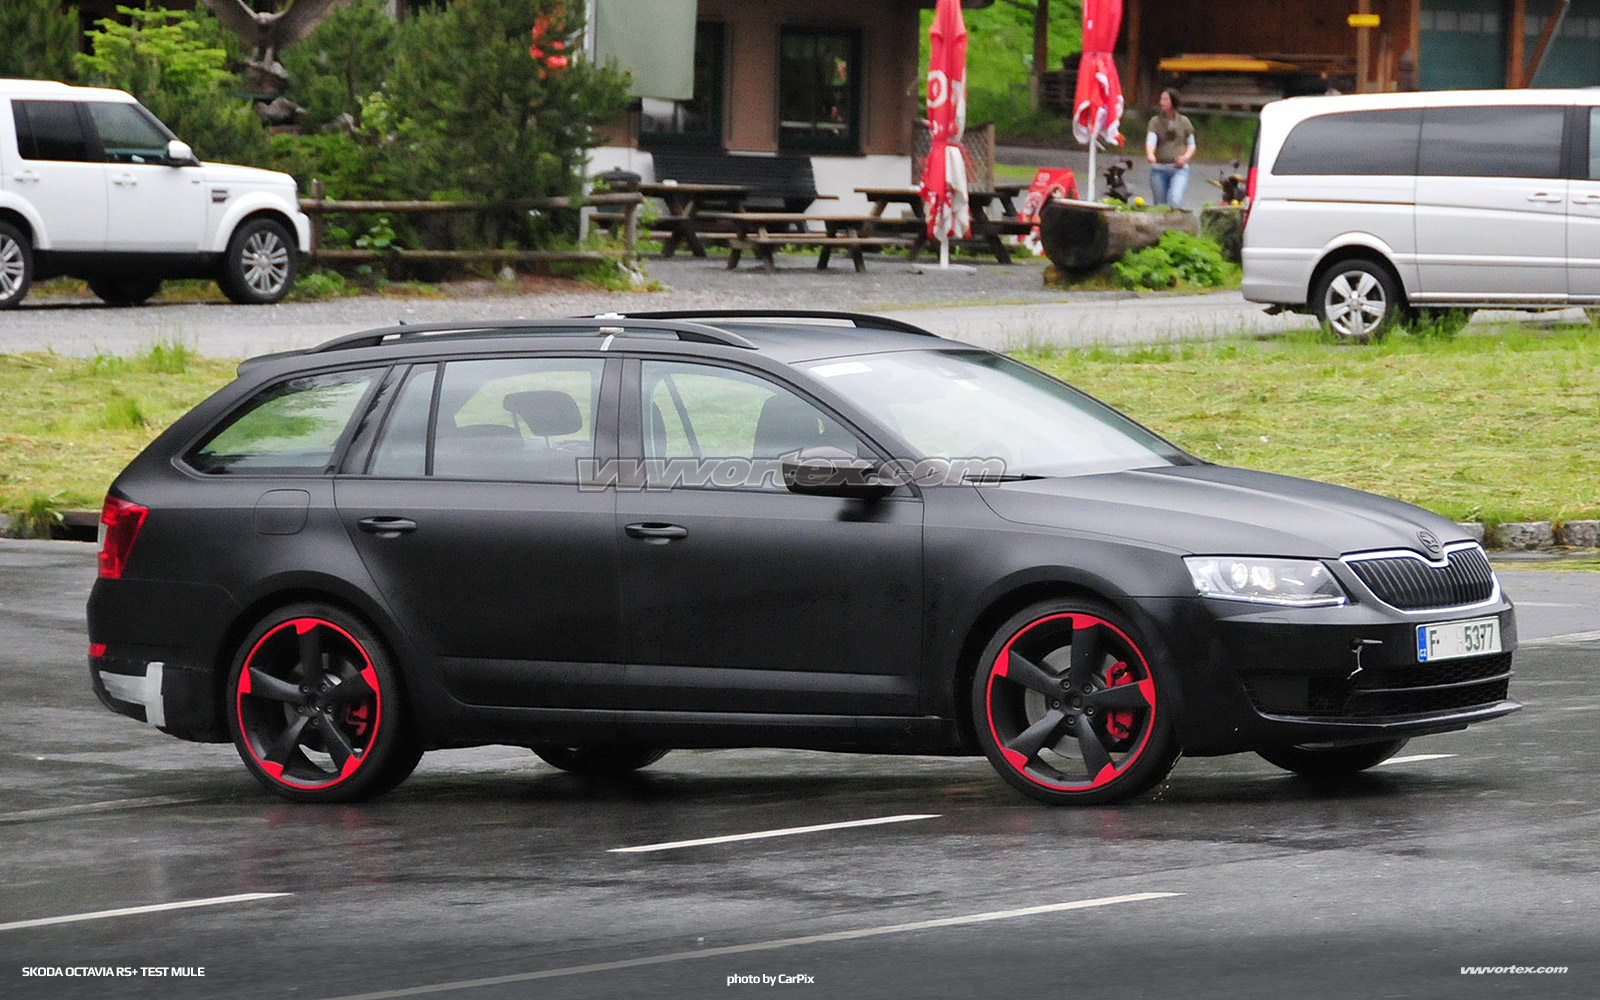 Hotter Skoda Octavia Rs To Be Launched In Europe Vw Vortex Volkswagen Forum